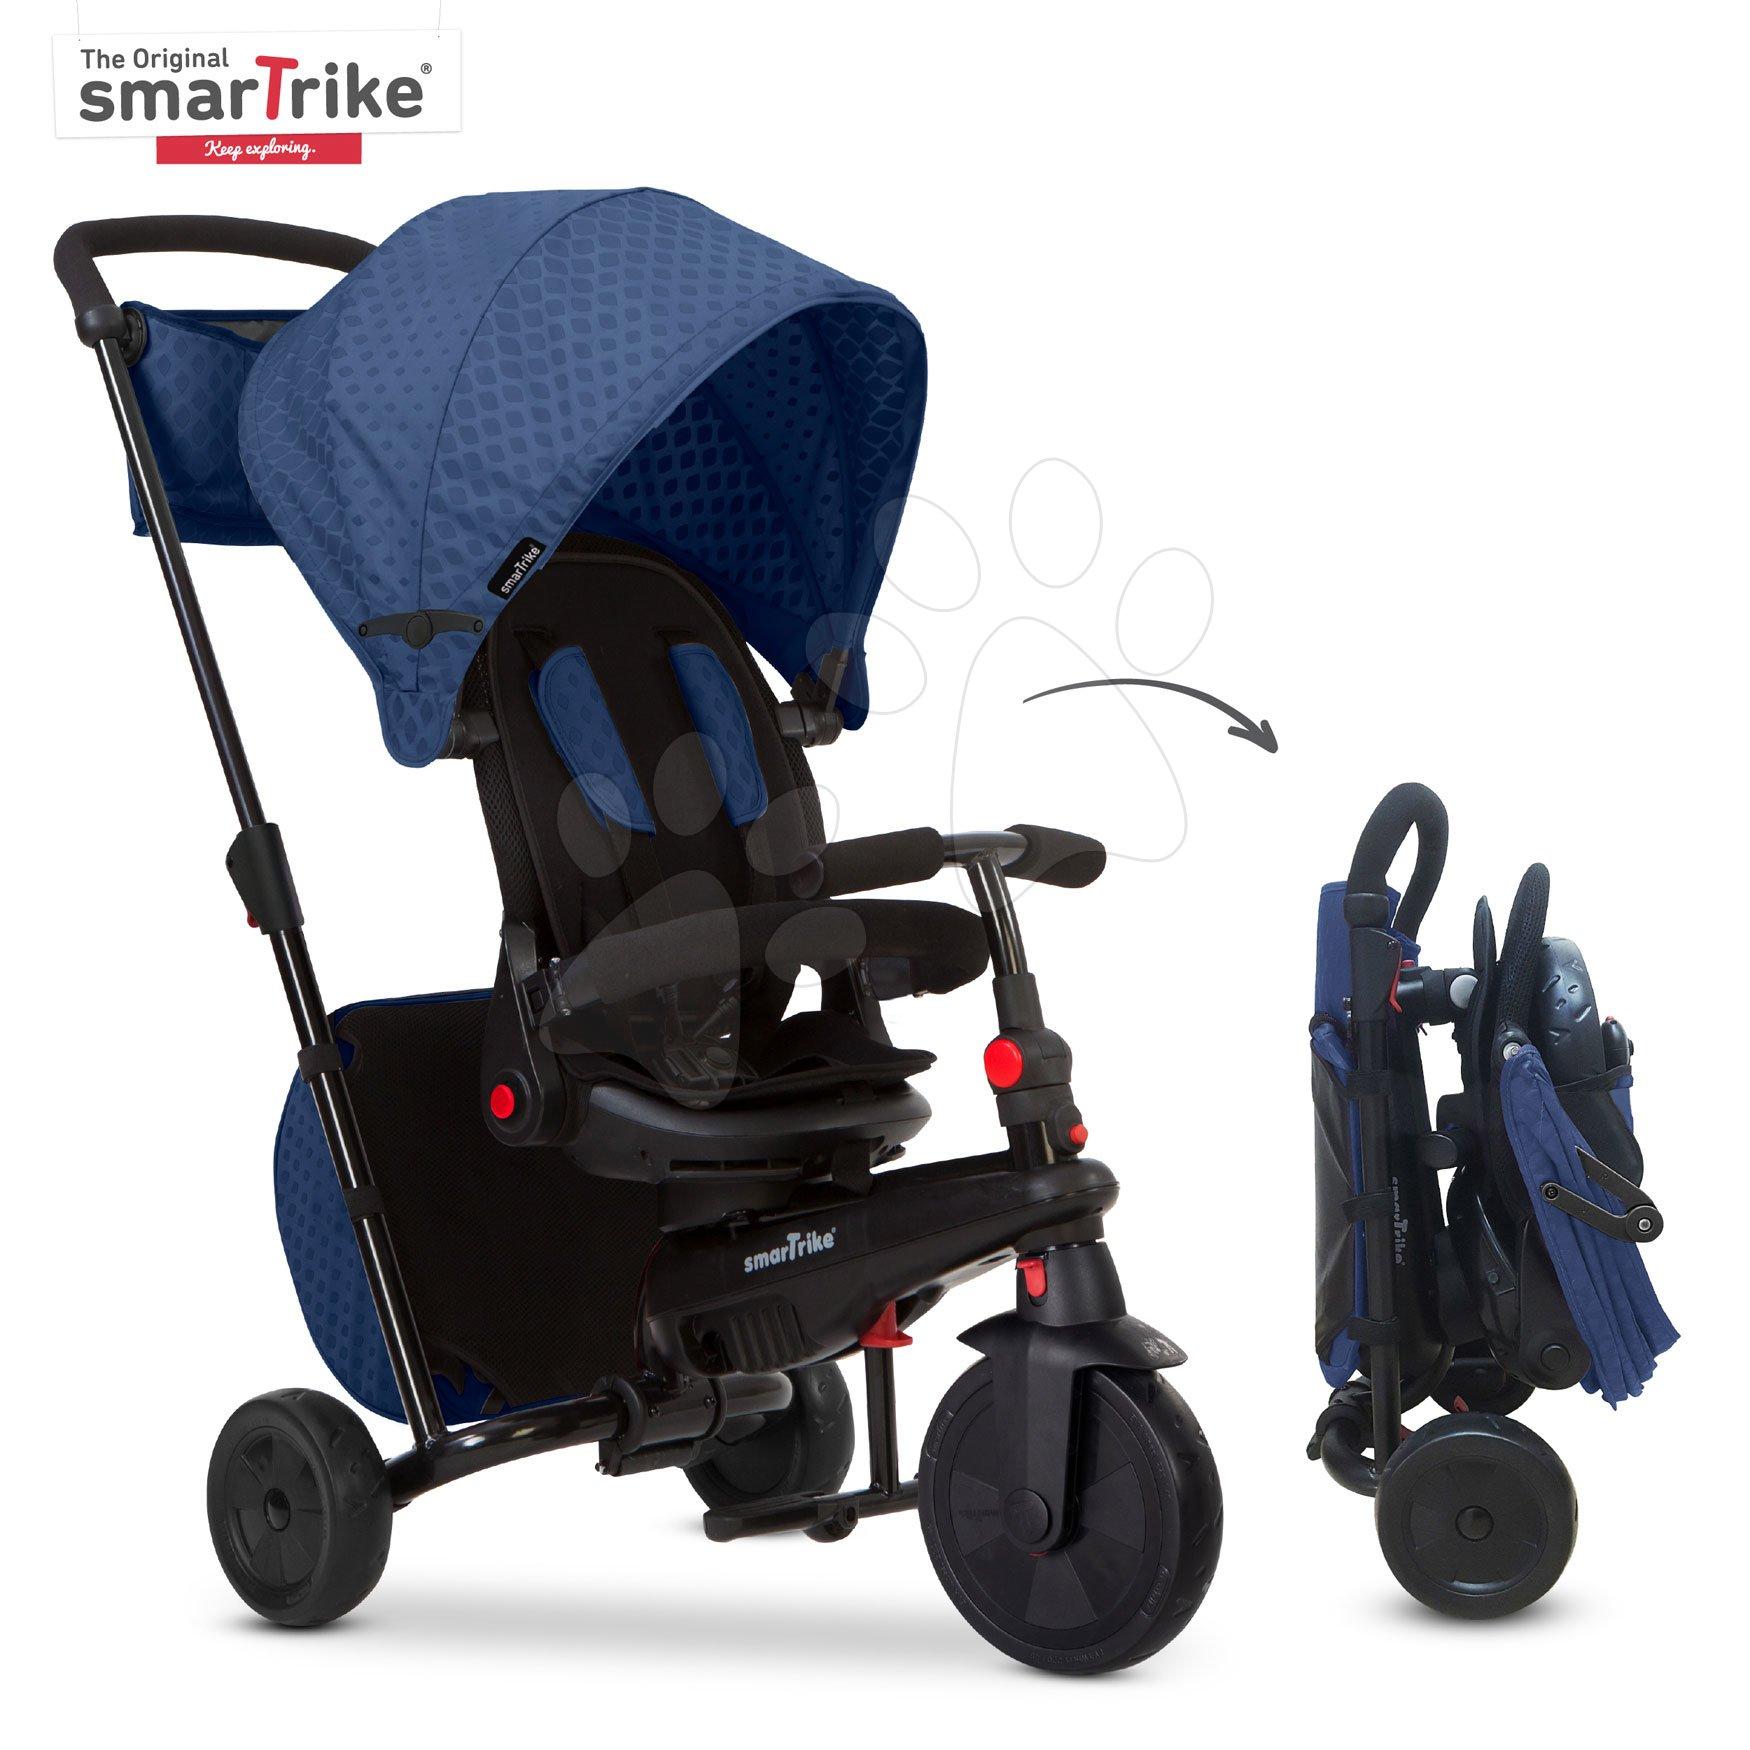 Trojkolka a kočík skladacia STR7 Urban 7v1 smarTrike modrá so sklápateľným sedadlom TouchSteering s EVA kolesami od 6 mes